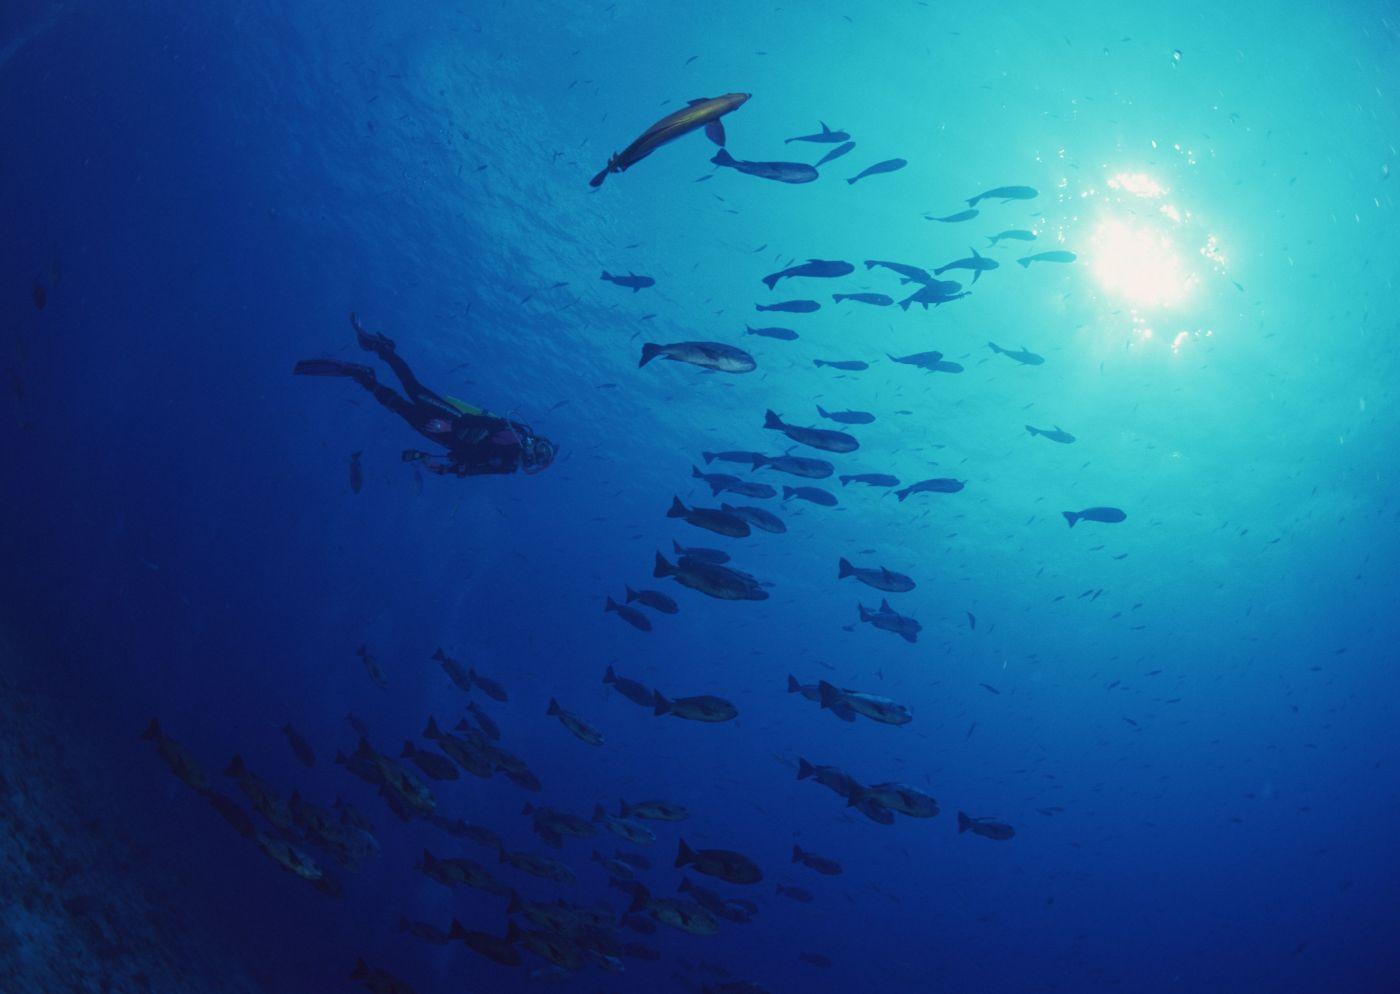 高清晰深海群鱼寻食壁纸 手机移动版